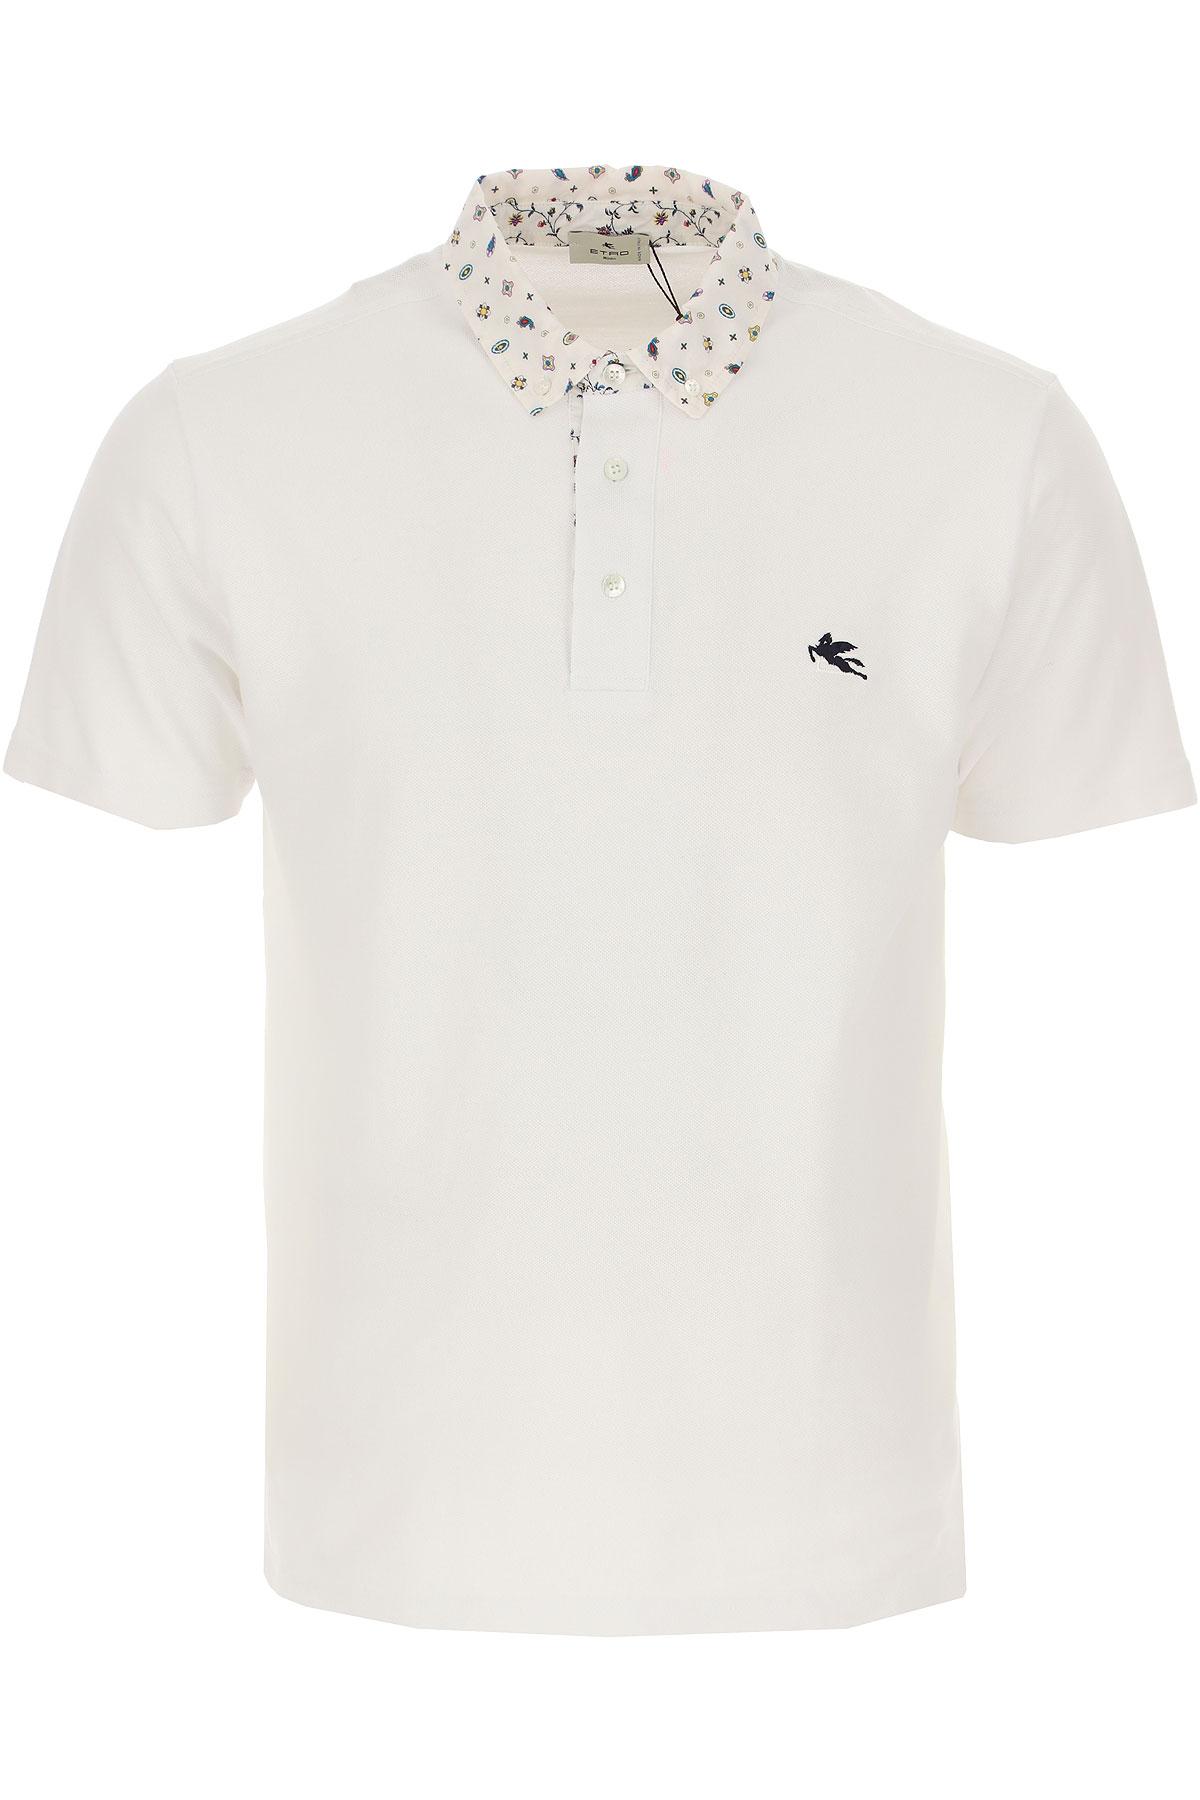 Etro Etro Polo Shirt for Men On Sale, White, Cotton, 2021, XL XXL from Raffaello Network | Accuweather